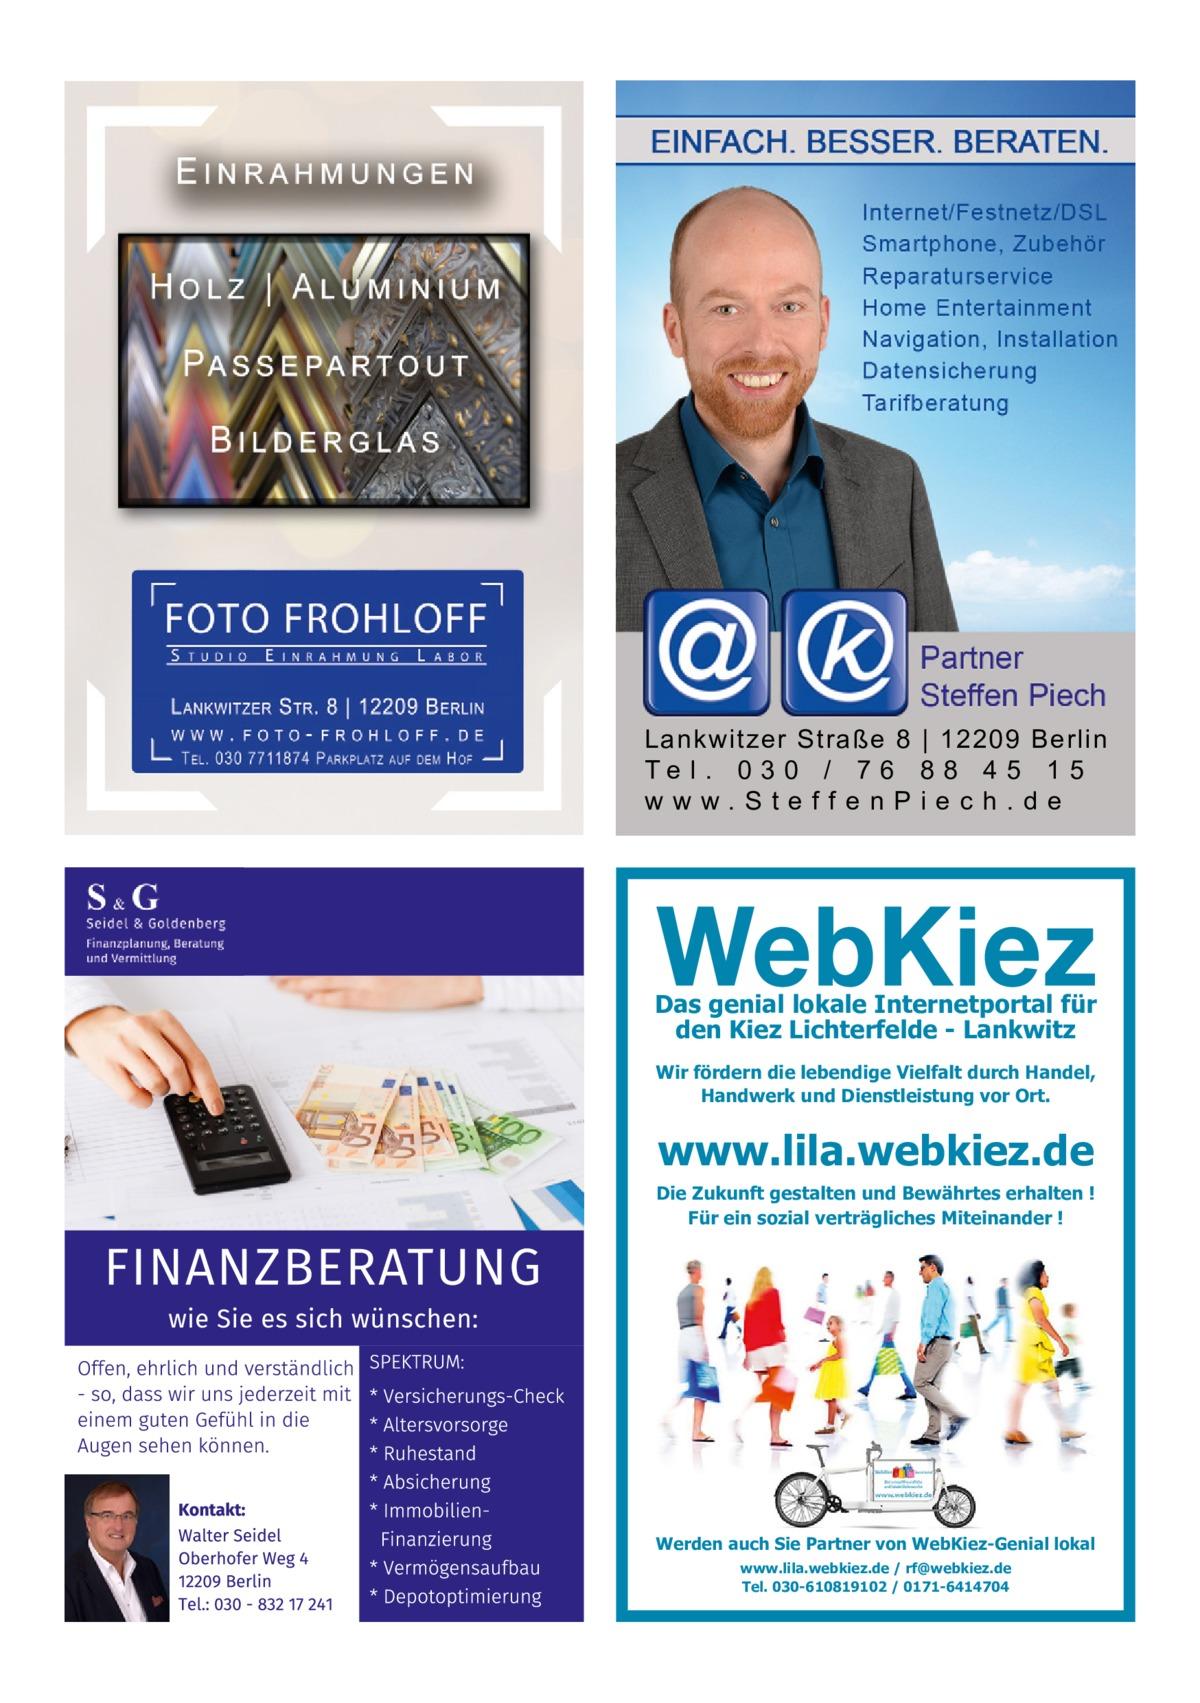 Lankwitzer Straße 8   12209 Berlin Te l . 0 3 0 / 7 6 8 8 4 5 1 5 www.SteffenPiech.de  Das genial lokale Internetportal für den Kiez Lichterfelde - Lankwitz Wir fördern die lebendige Vielfalt durch Handel, Handwerk und Dienstleistung vor Ort.  www.lila.webkiez.de  Die Zukunft gestalten und Bewährtes erhalten ! Für ein sozial verträgliches Miteinander !  Werden auch Sie Partner von WebKiez-Genial lokal www.lila.webkiez.de / rf@webkiez.de Tel. 030-610819102 / 0171-6414704